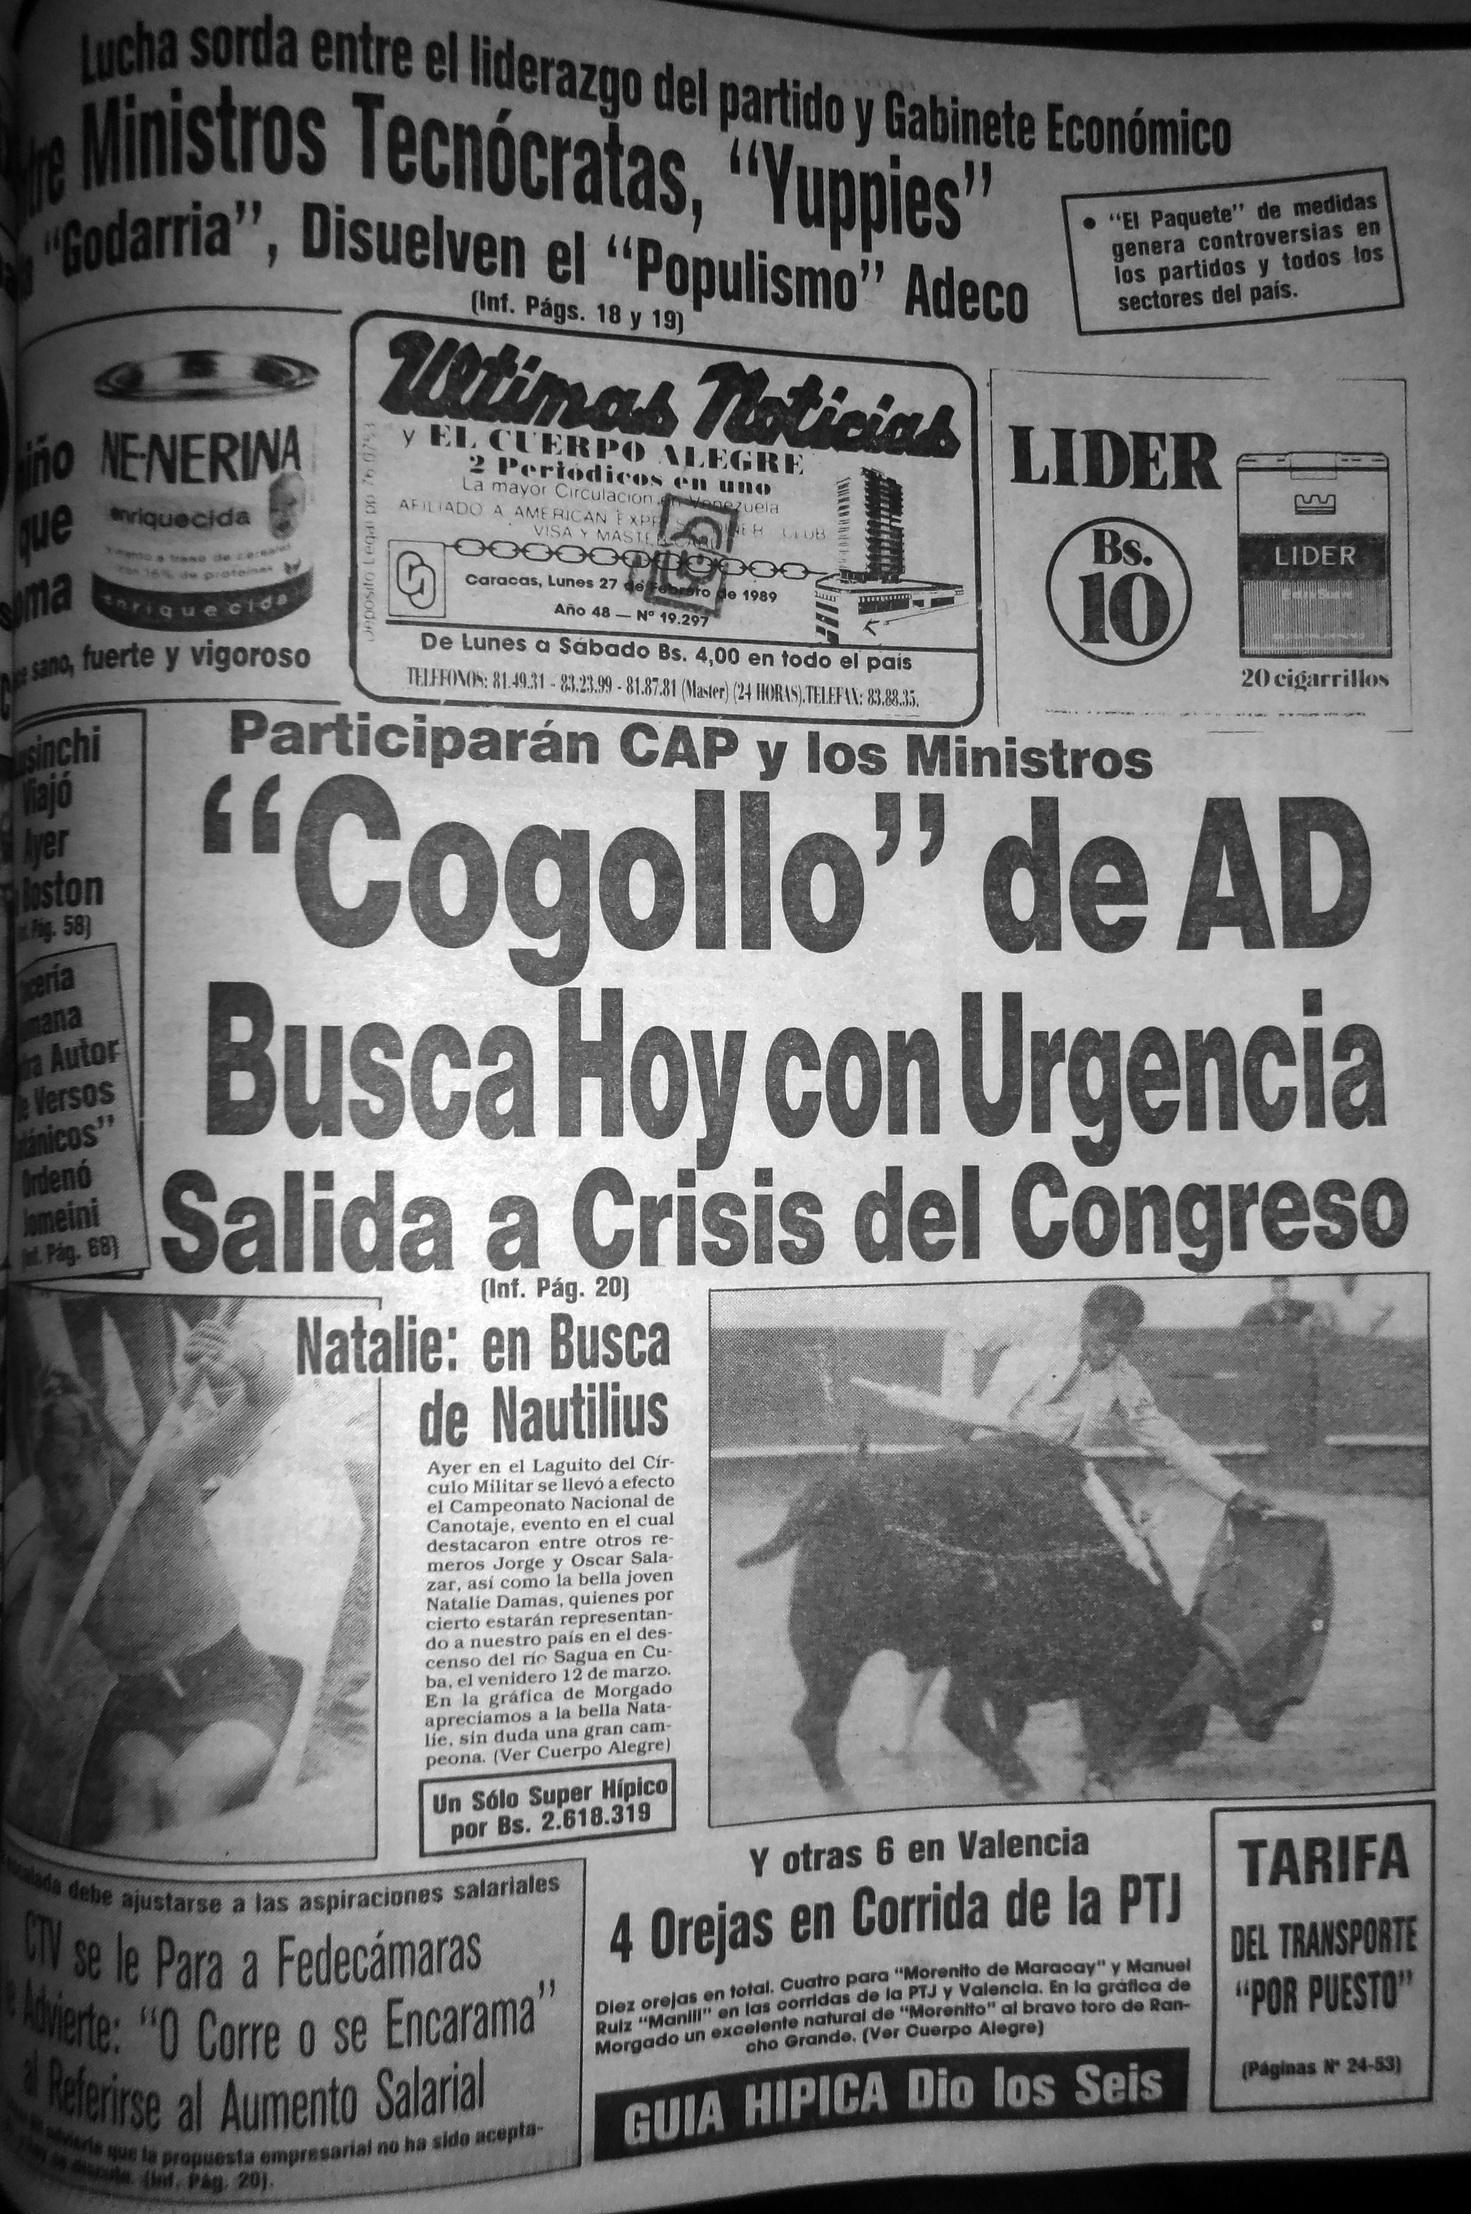 UN Lunes 27 febrero 1989